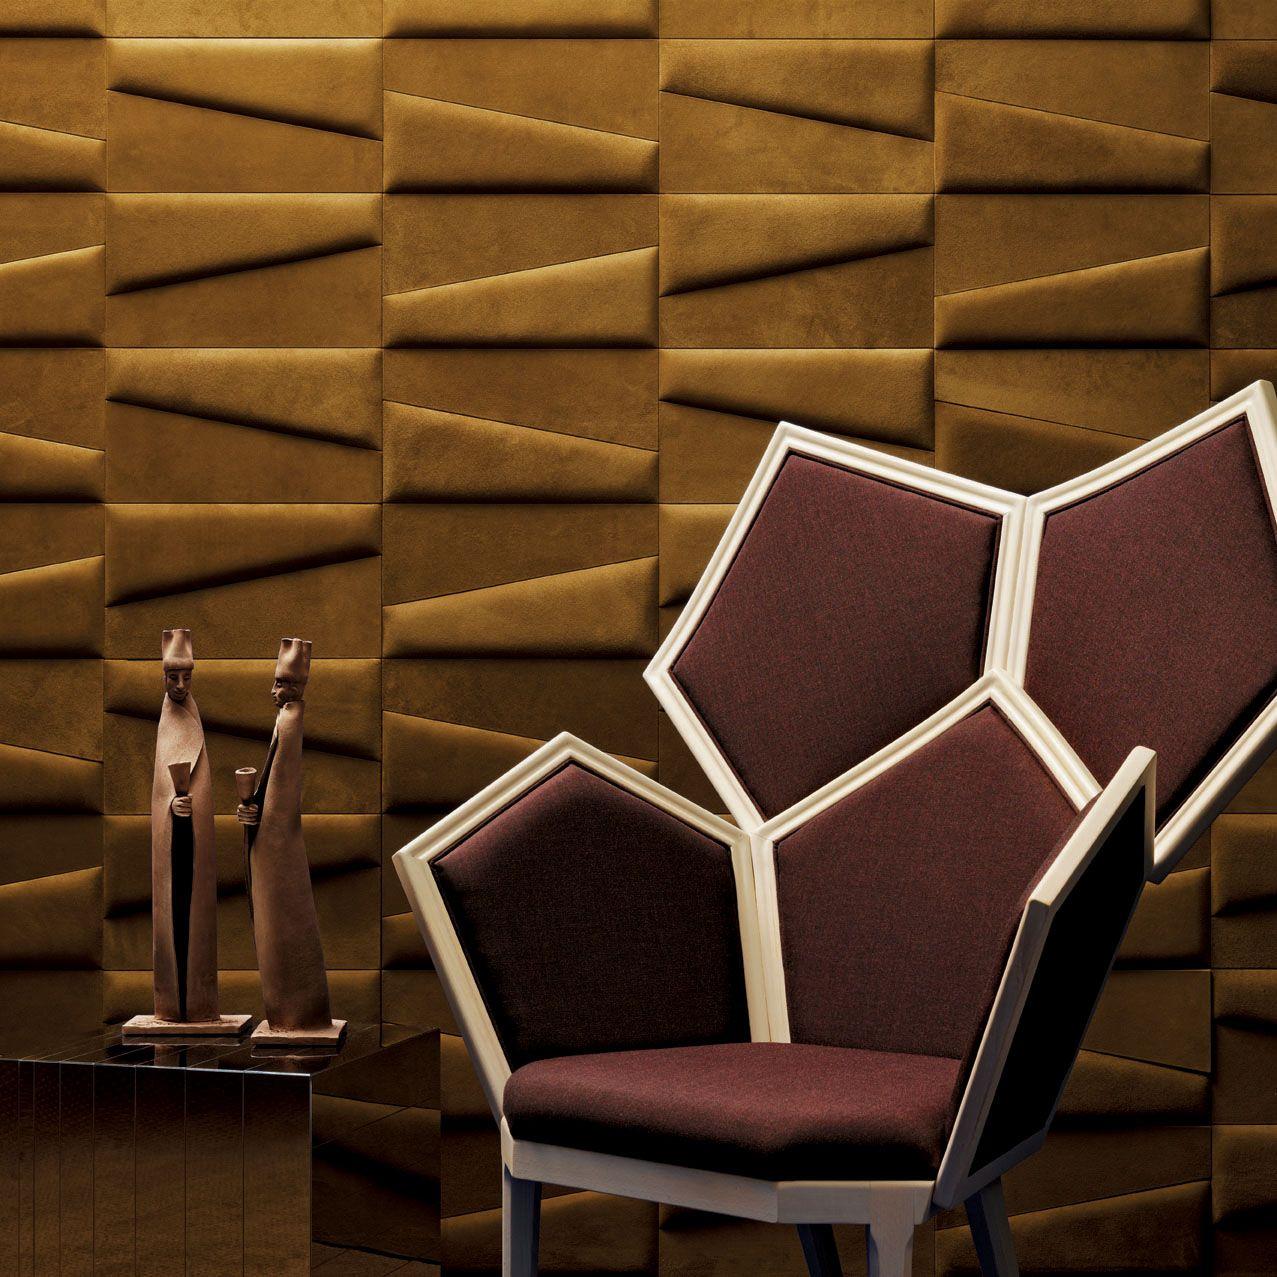 Leatherwear by studioart patternwall coverings pinterest